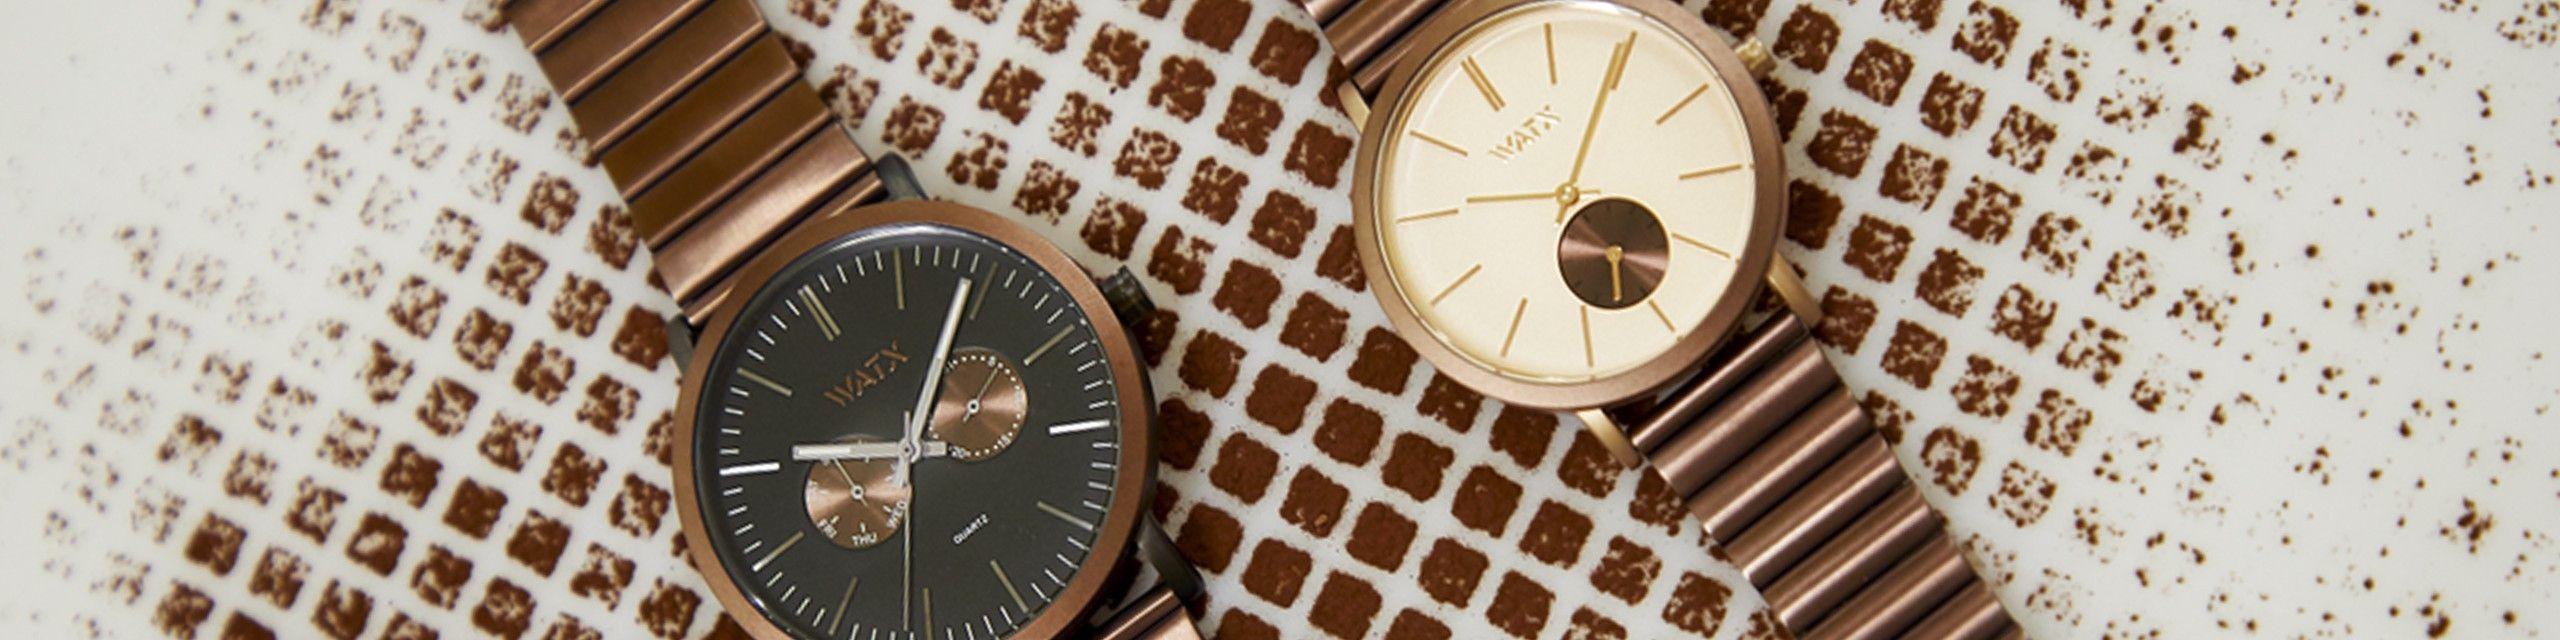 Esferas de reloj elegantes para momentos especiales - Watx España